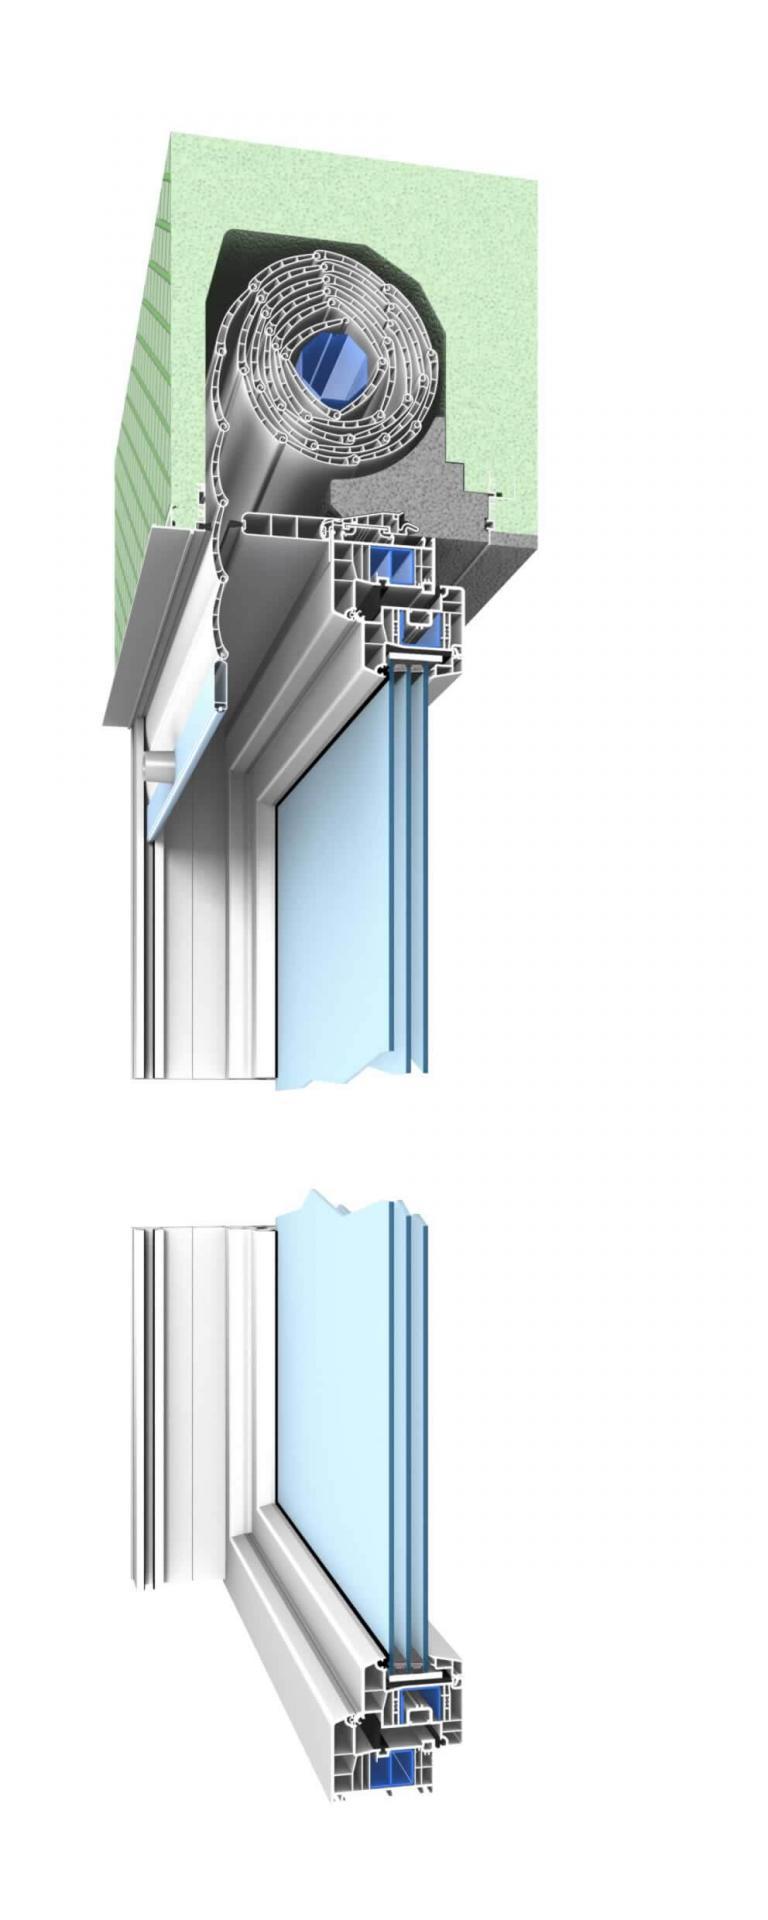 Rideau Caisson Volet Roulant volets roulants haut de gamme conçus sur mesure fe 10-ra